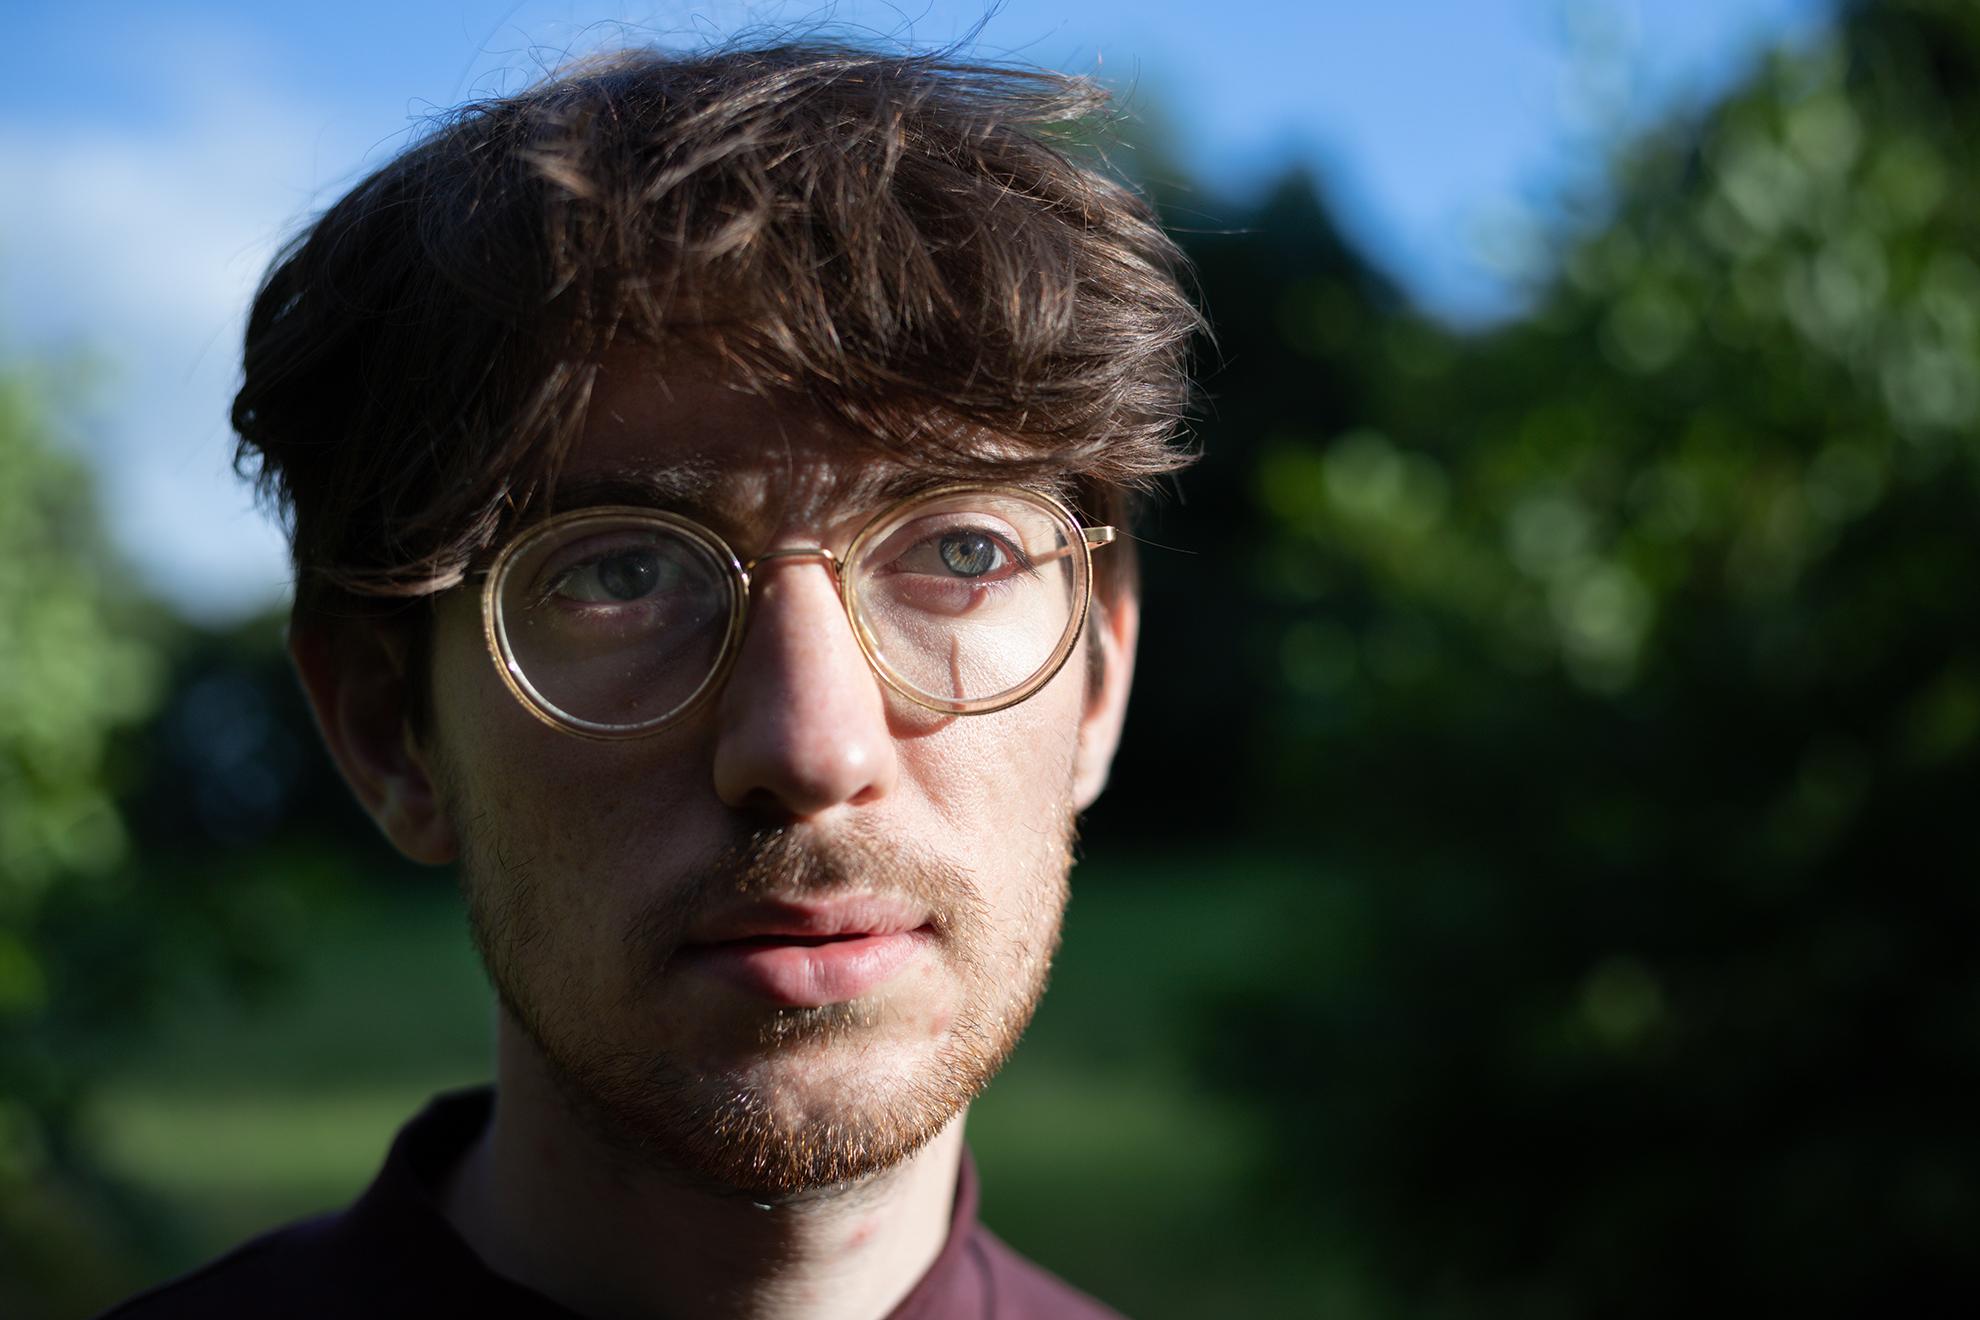 portretfotografie-man-bril